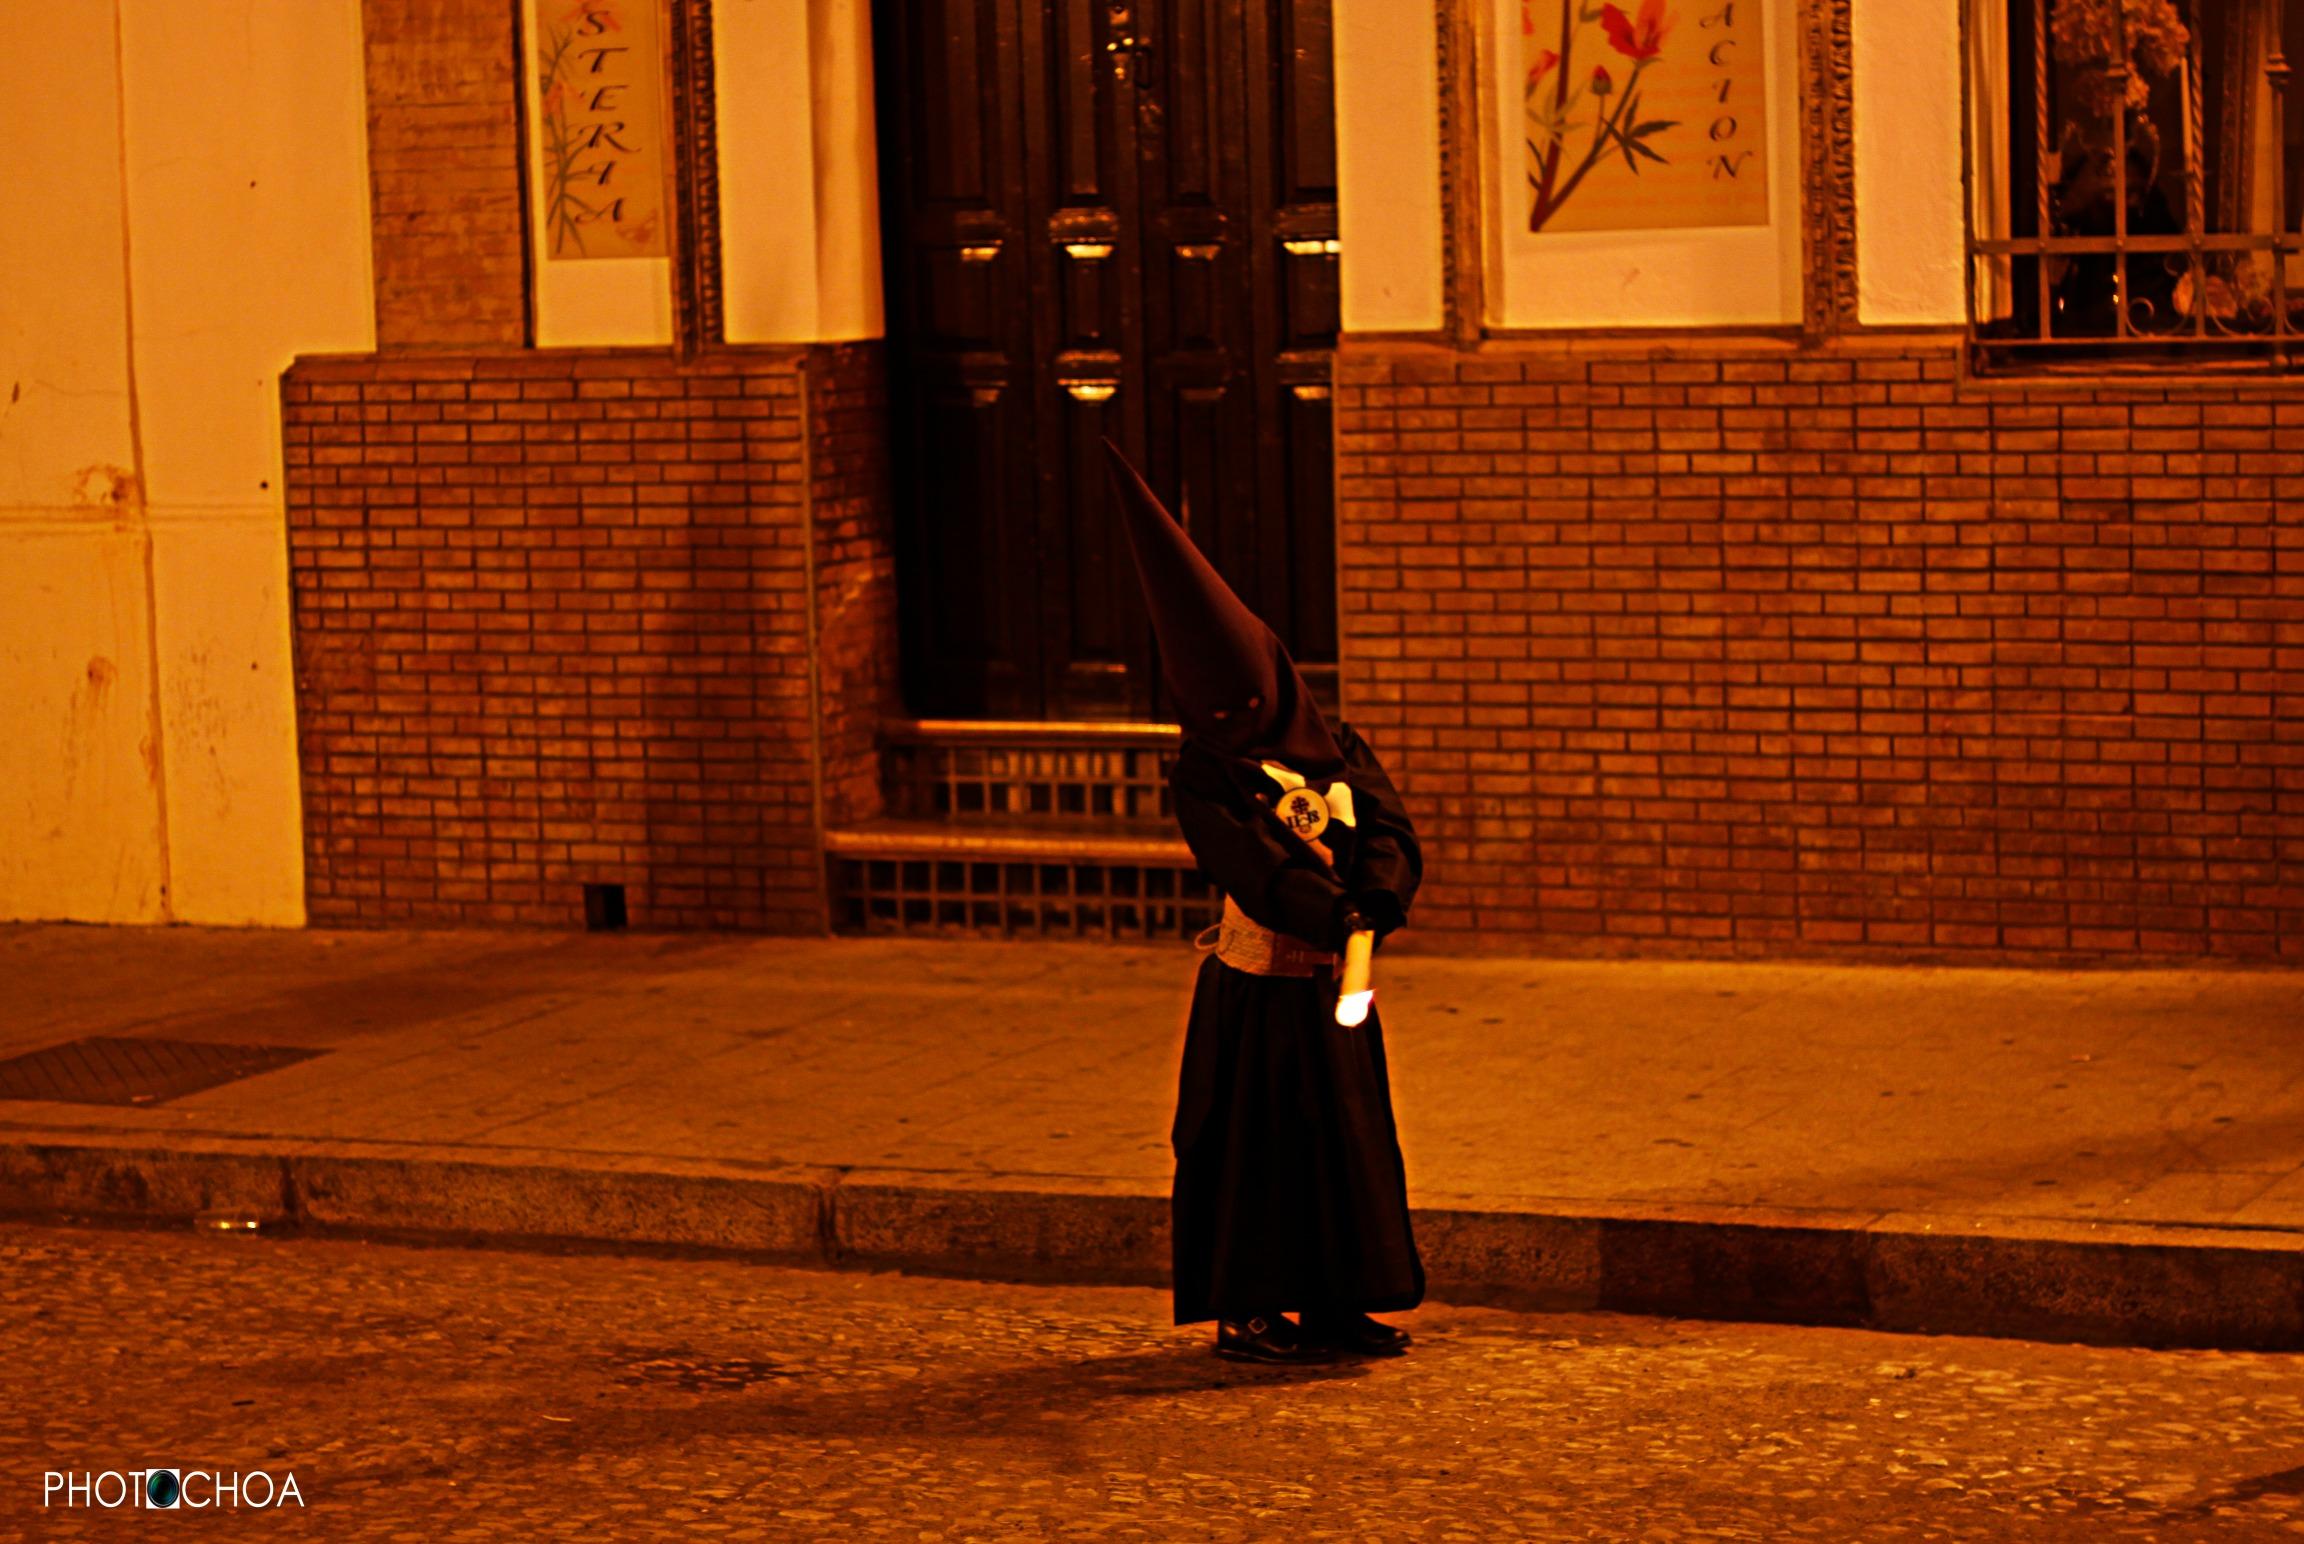 Un pequeño nazareno  se entretiene decorando el suelo empedrado